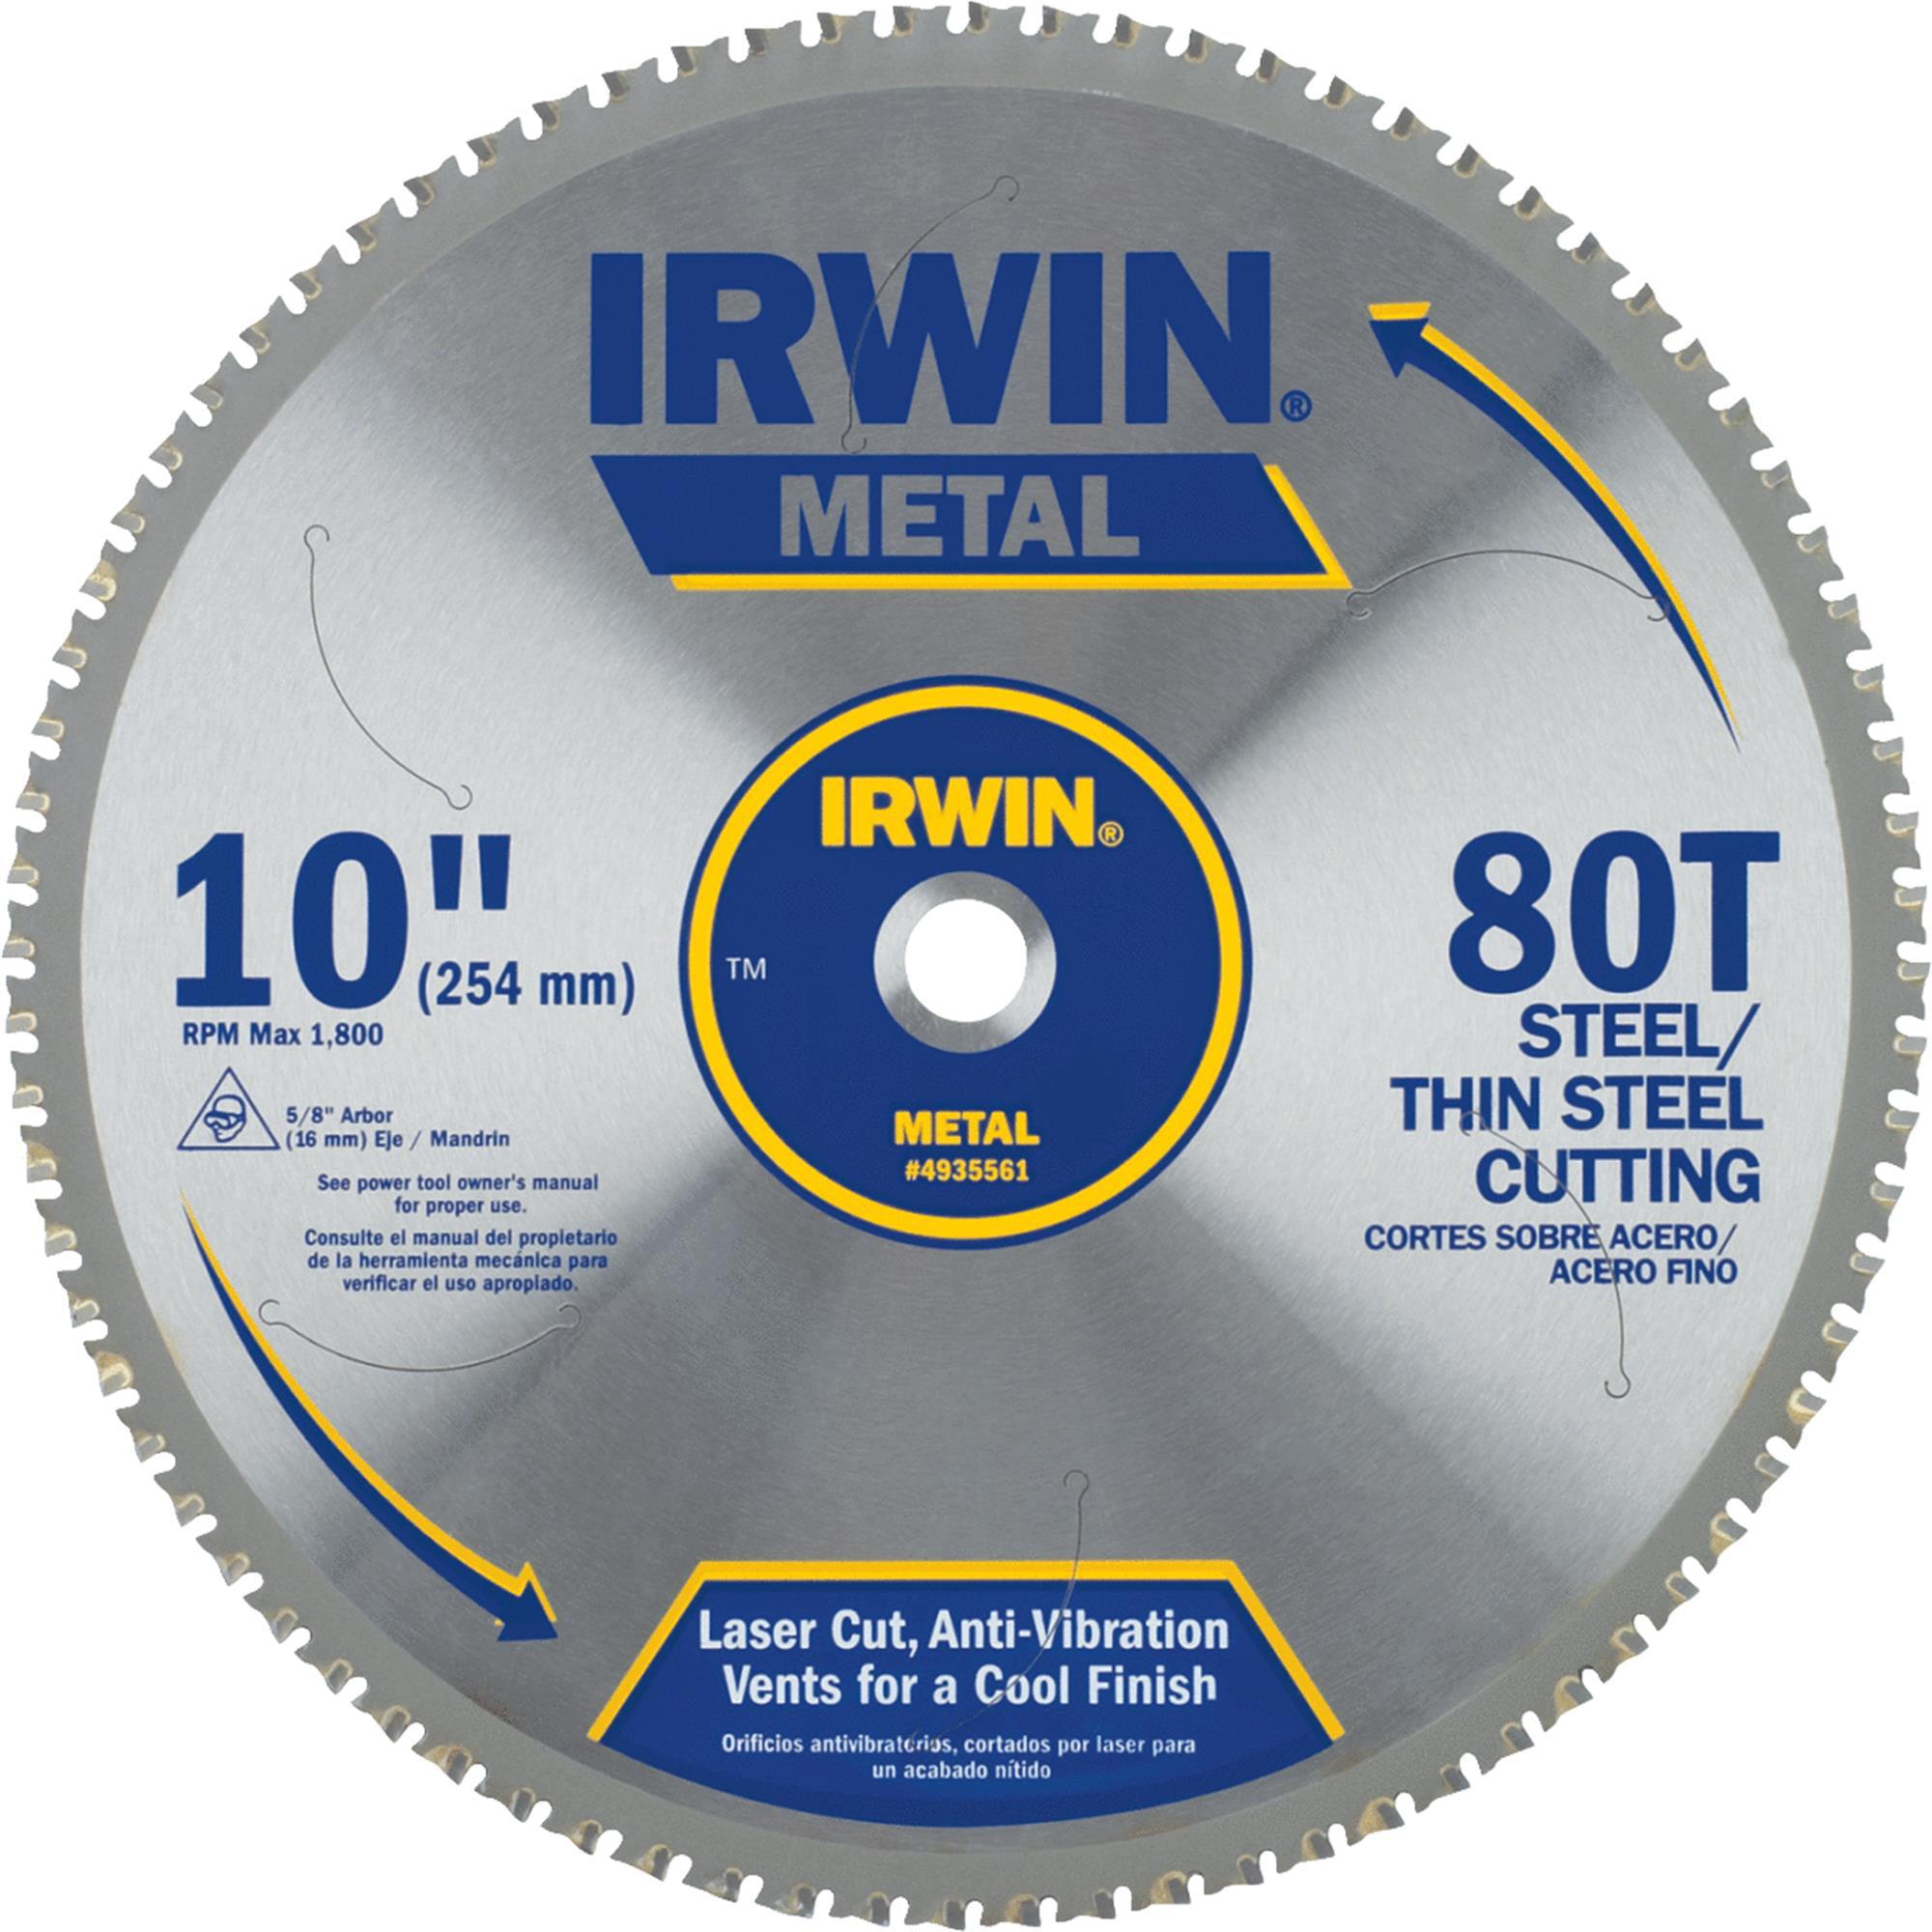 """Irwin 4935561 10"""" 80 Tpi Metal Cutting Circular Saw Blade by Irwin"""